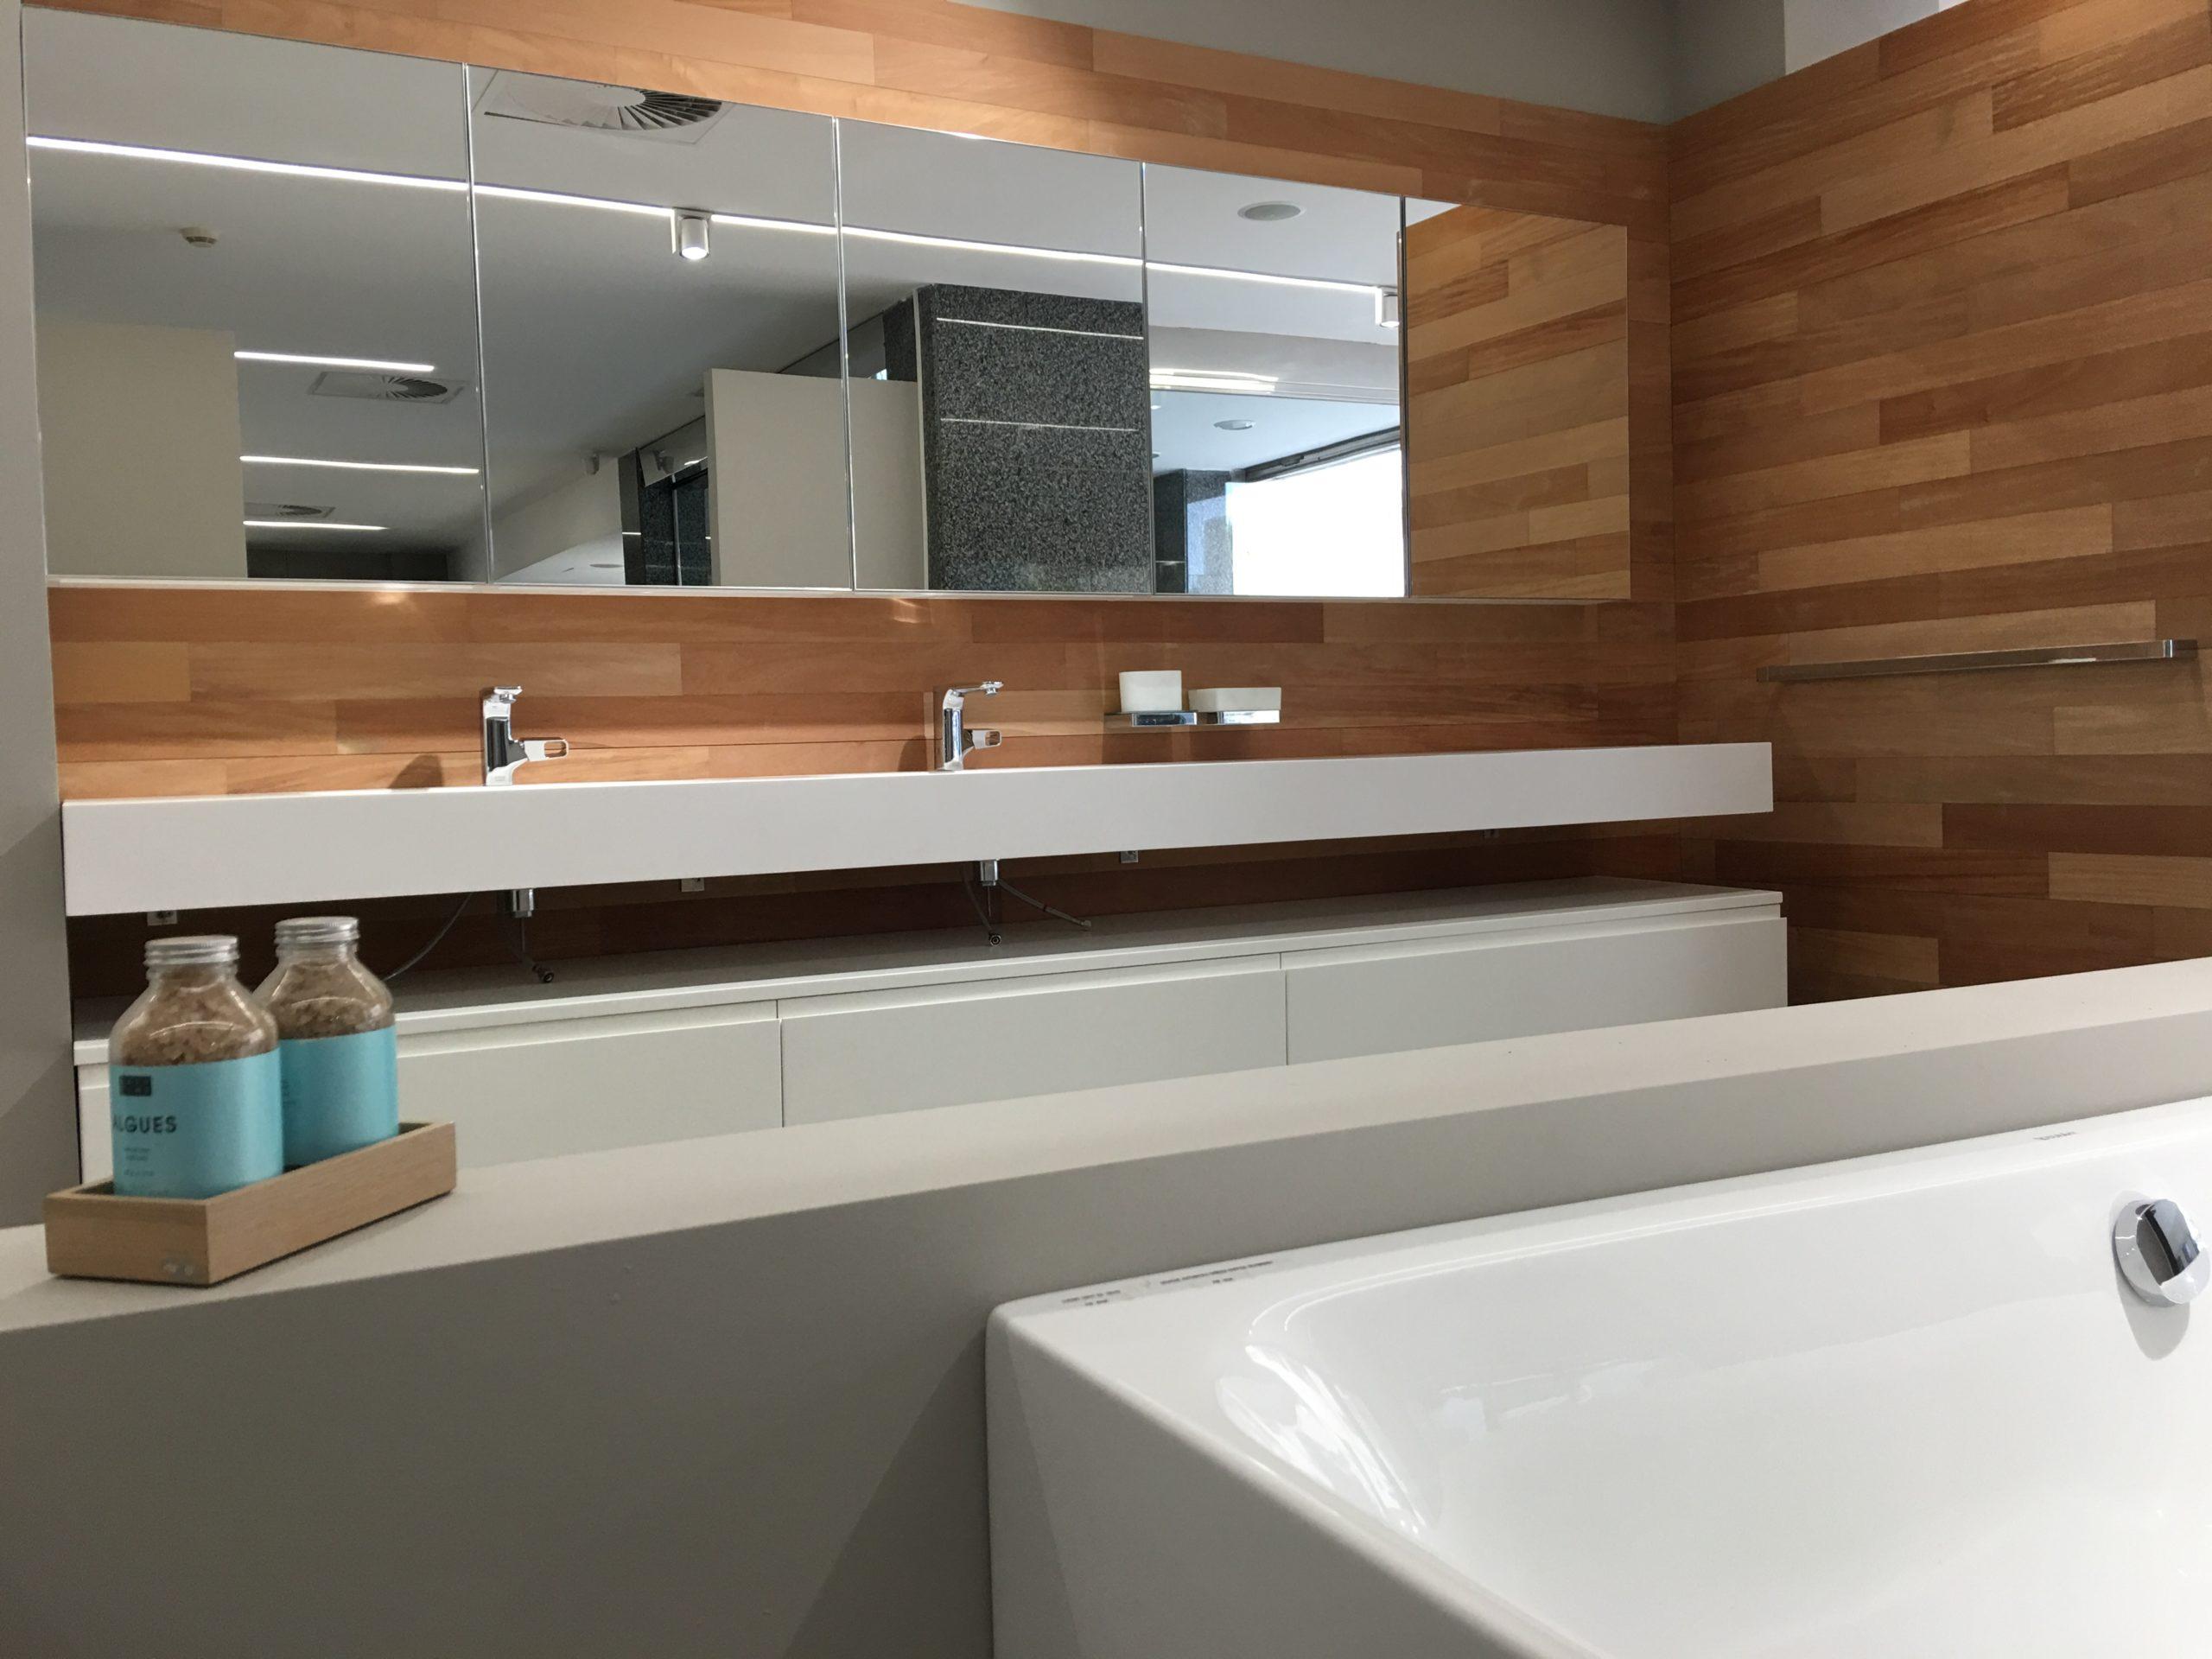 baños ibiza